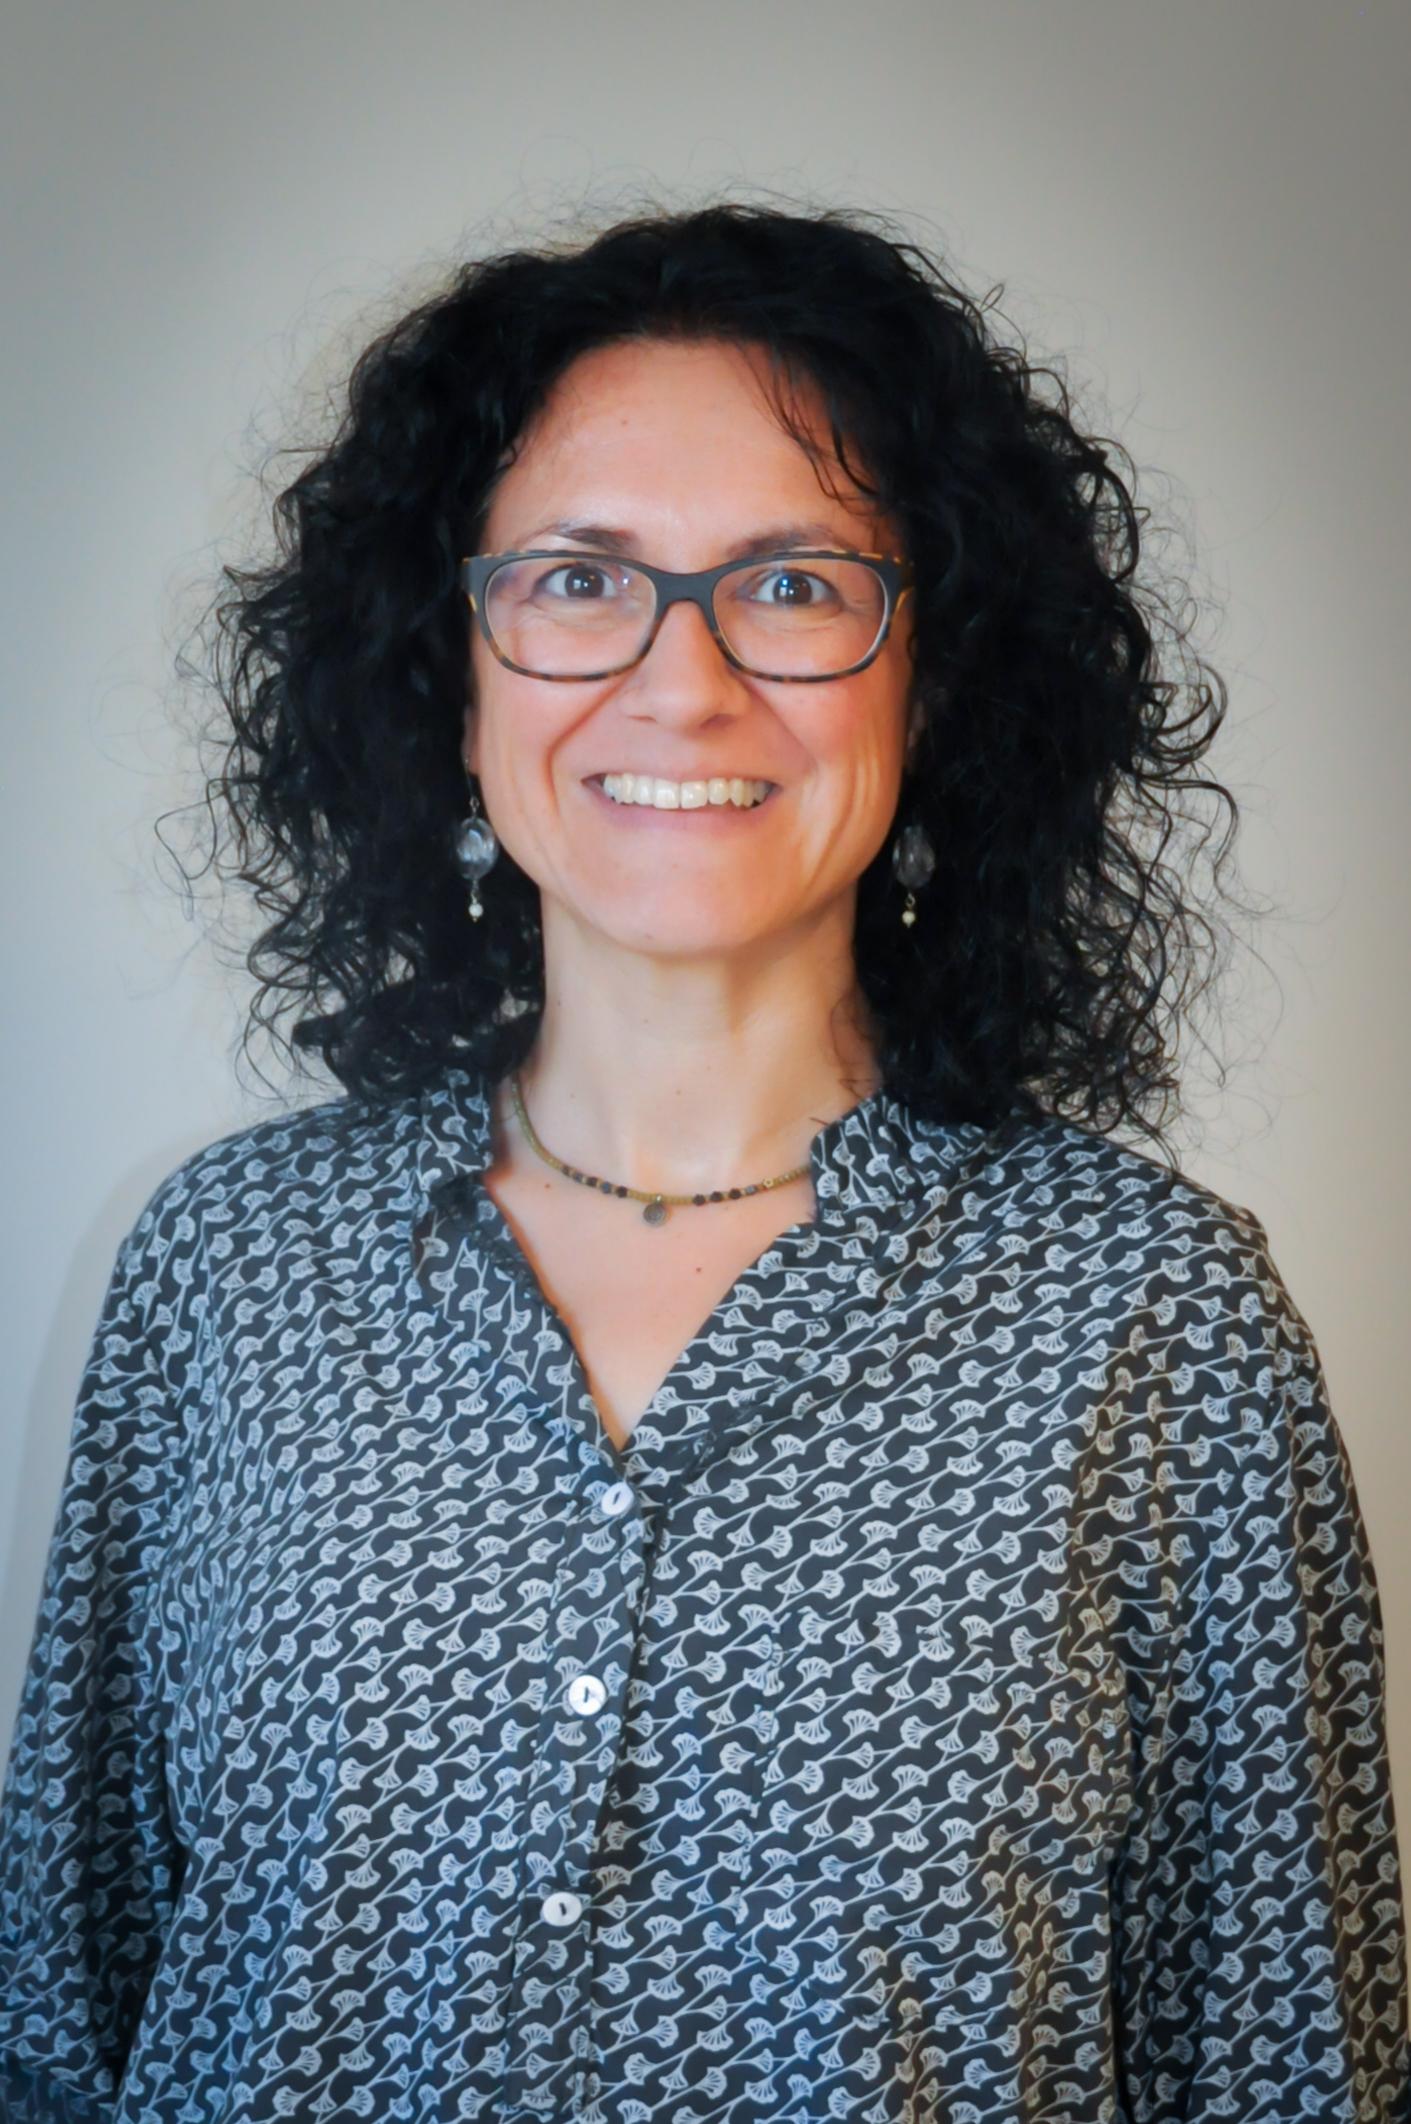 Emma Méndez Cortés